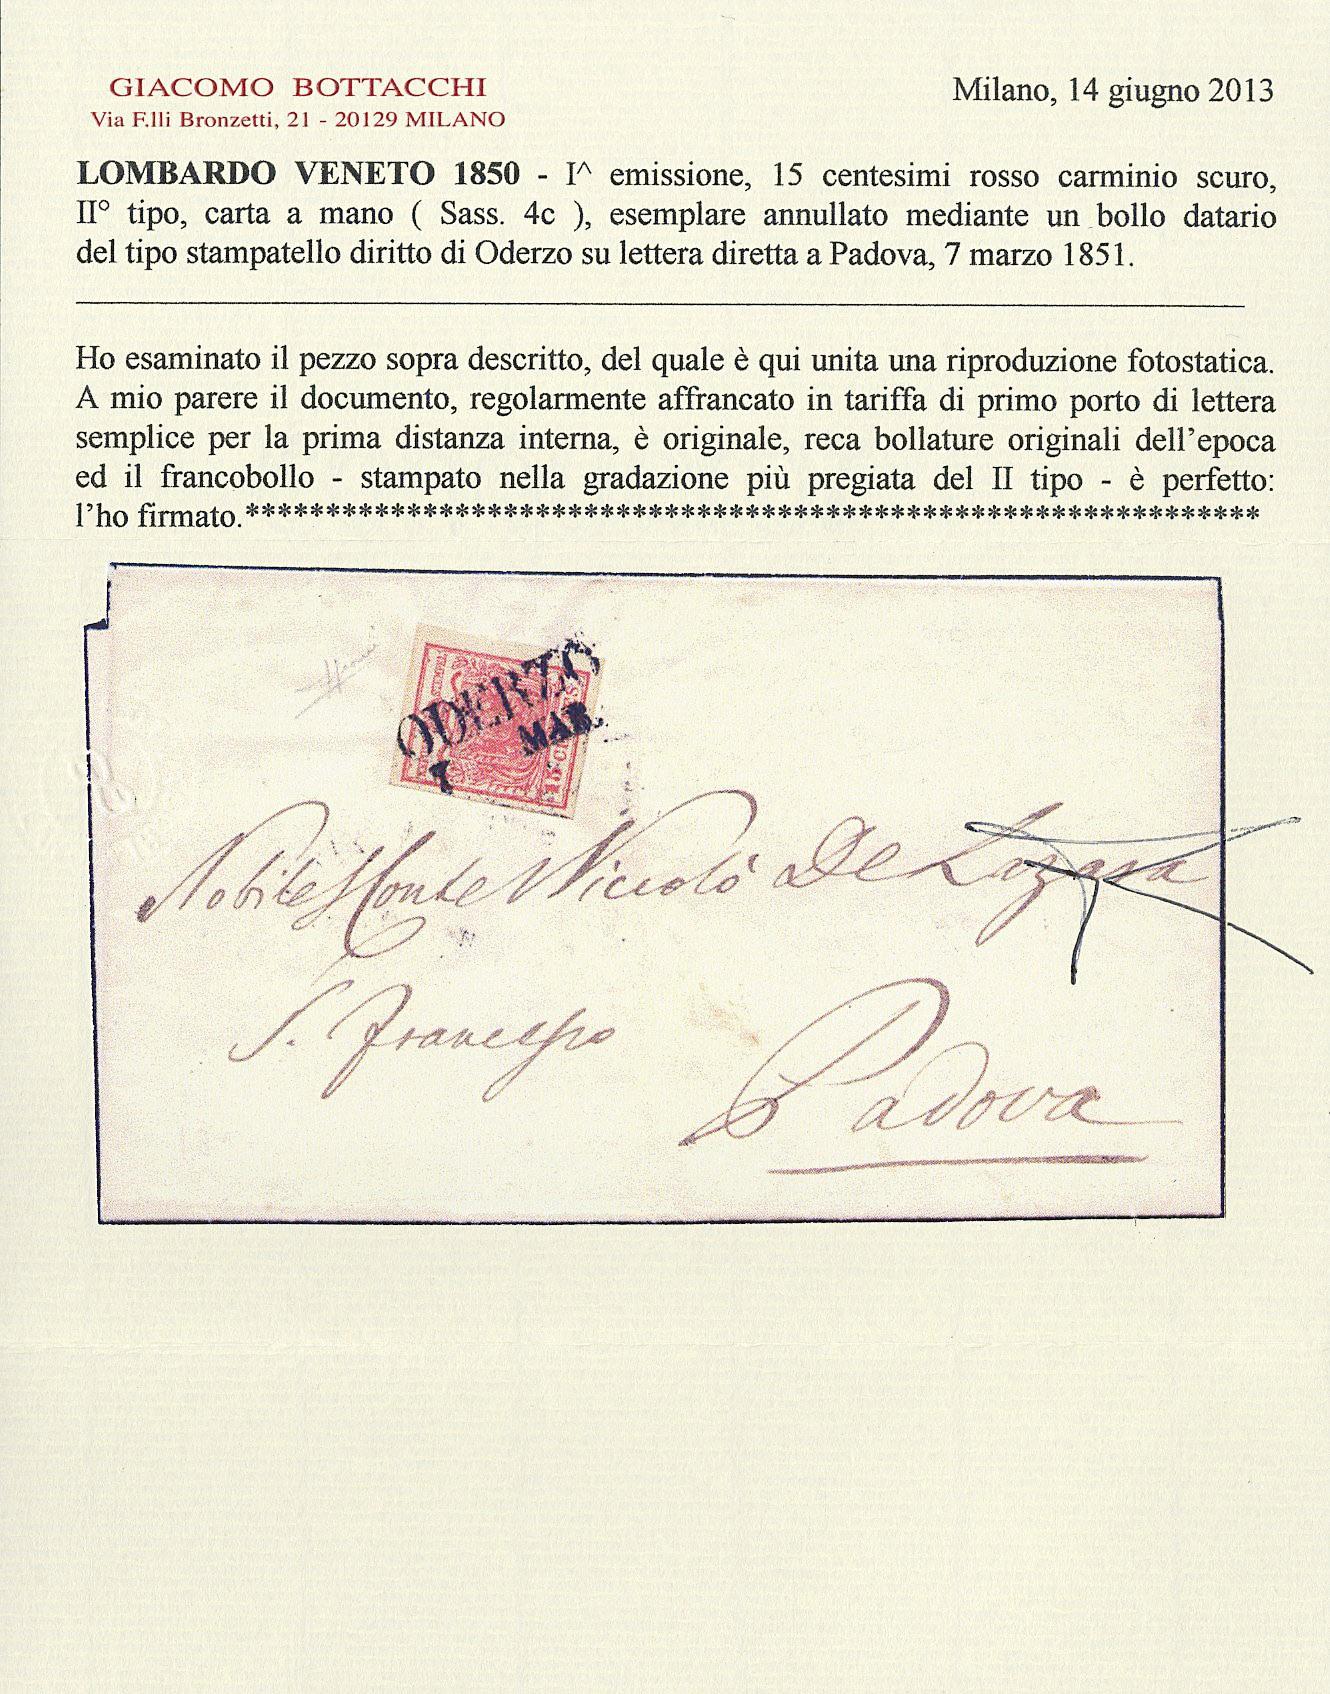 Lot 16 - lombardo veneto posta ordinaria -  Zanaria Aste s.r.l. 9th Philatelic Auction